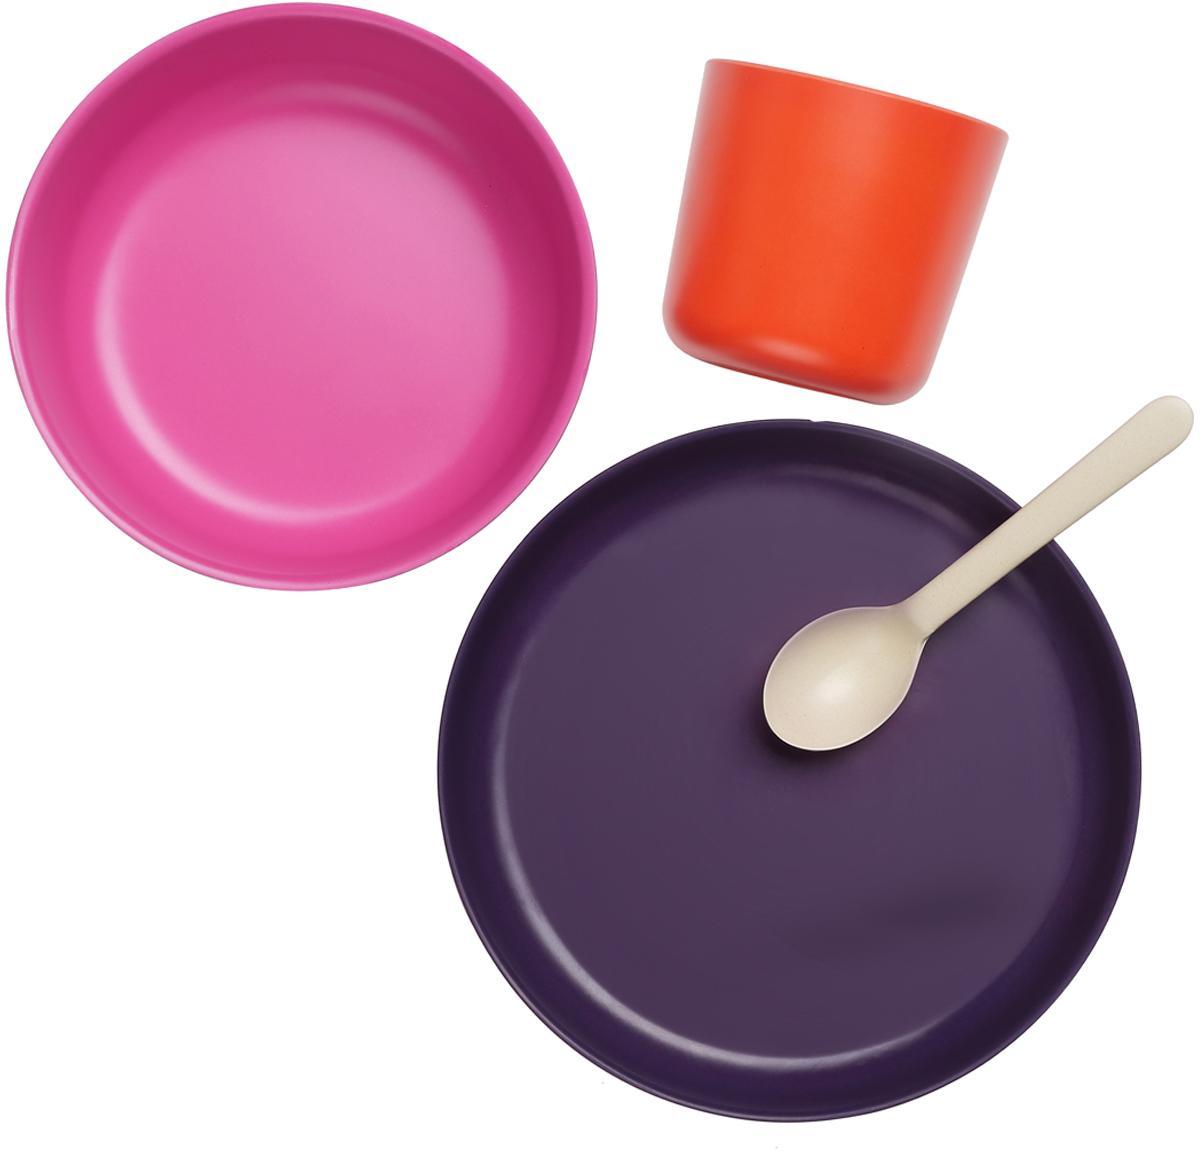 Ontbijtset Ume, 4-delig, Bamboehoutvezels, melamine, voedselveilig BPA-, PVC- en ftalatenvrij, Violet, roze, rood, crèmewit, Set met verschillende formaten